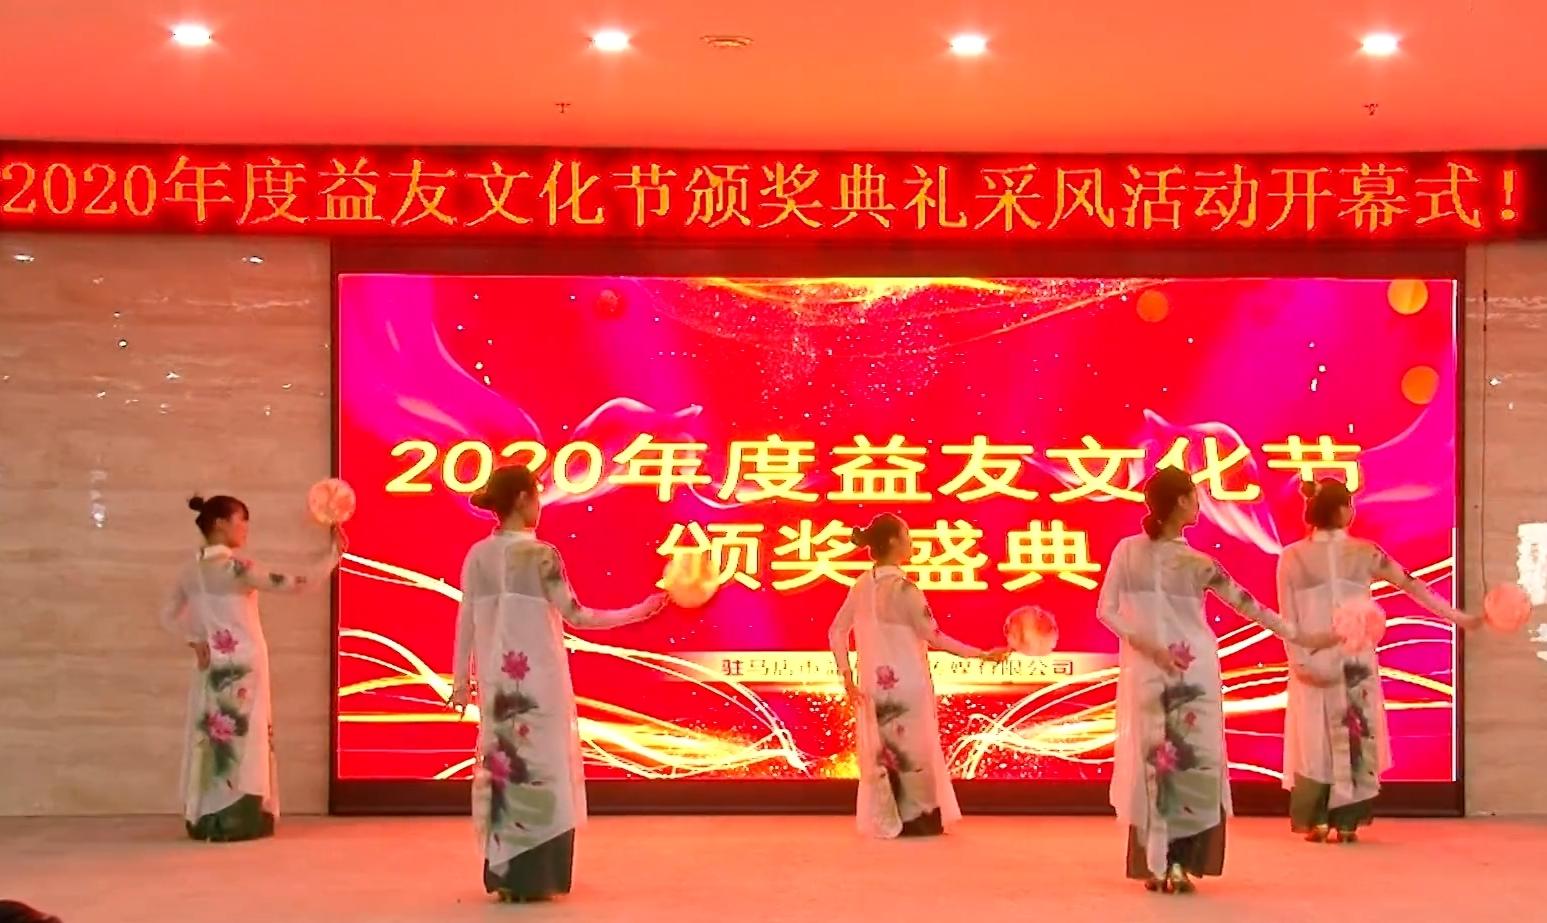 2020年度益友文化节颁奖典礼及采风诗会圆满成功